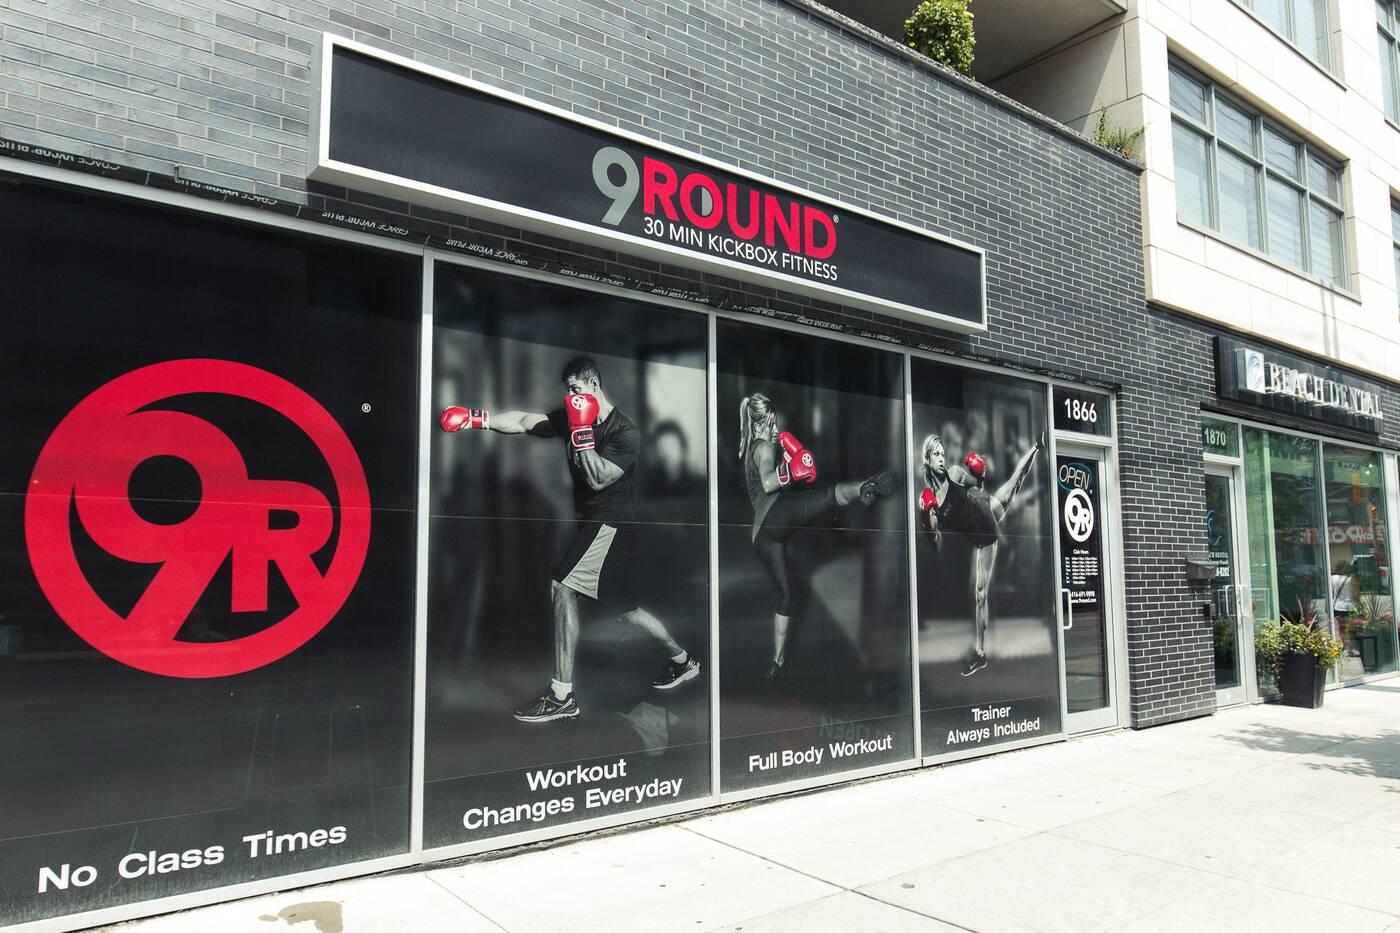 9Round Toronto